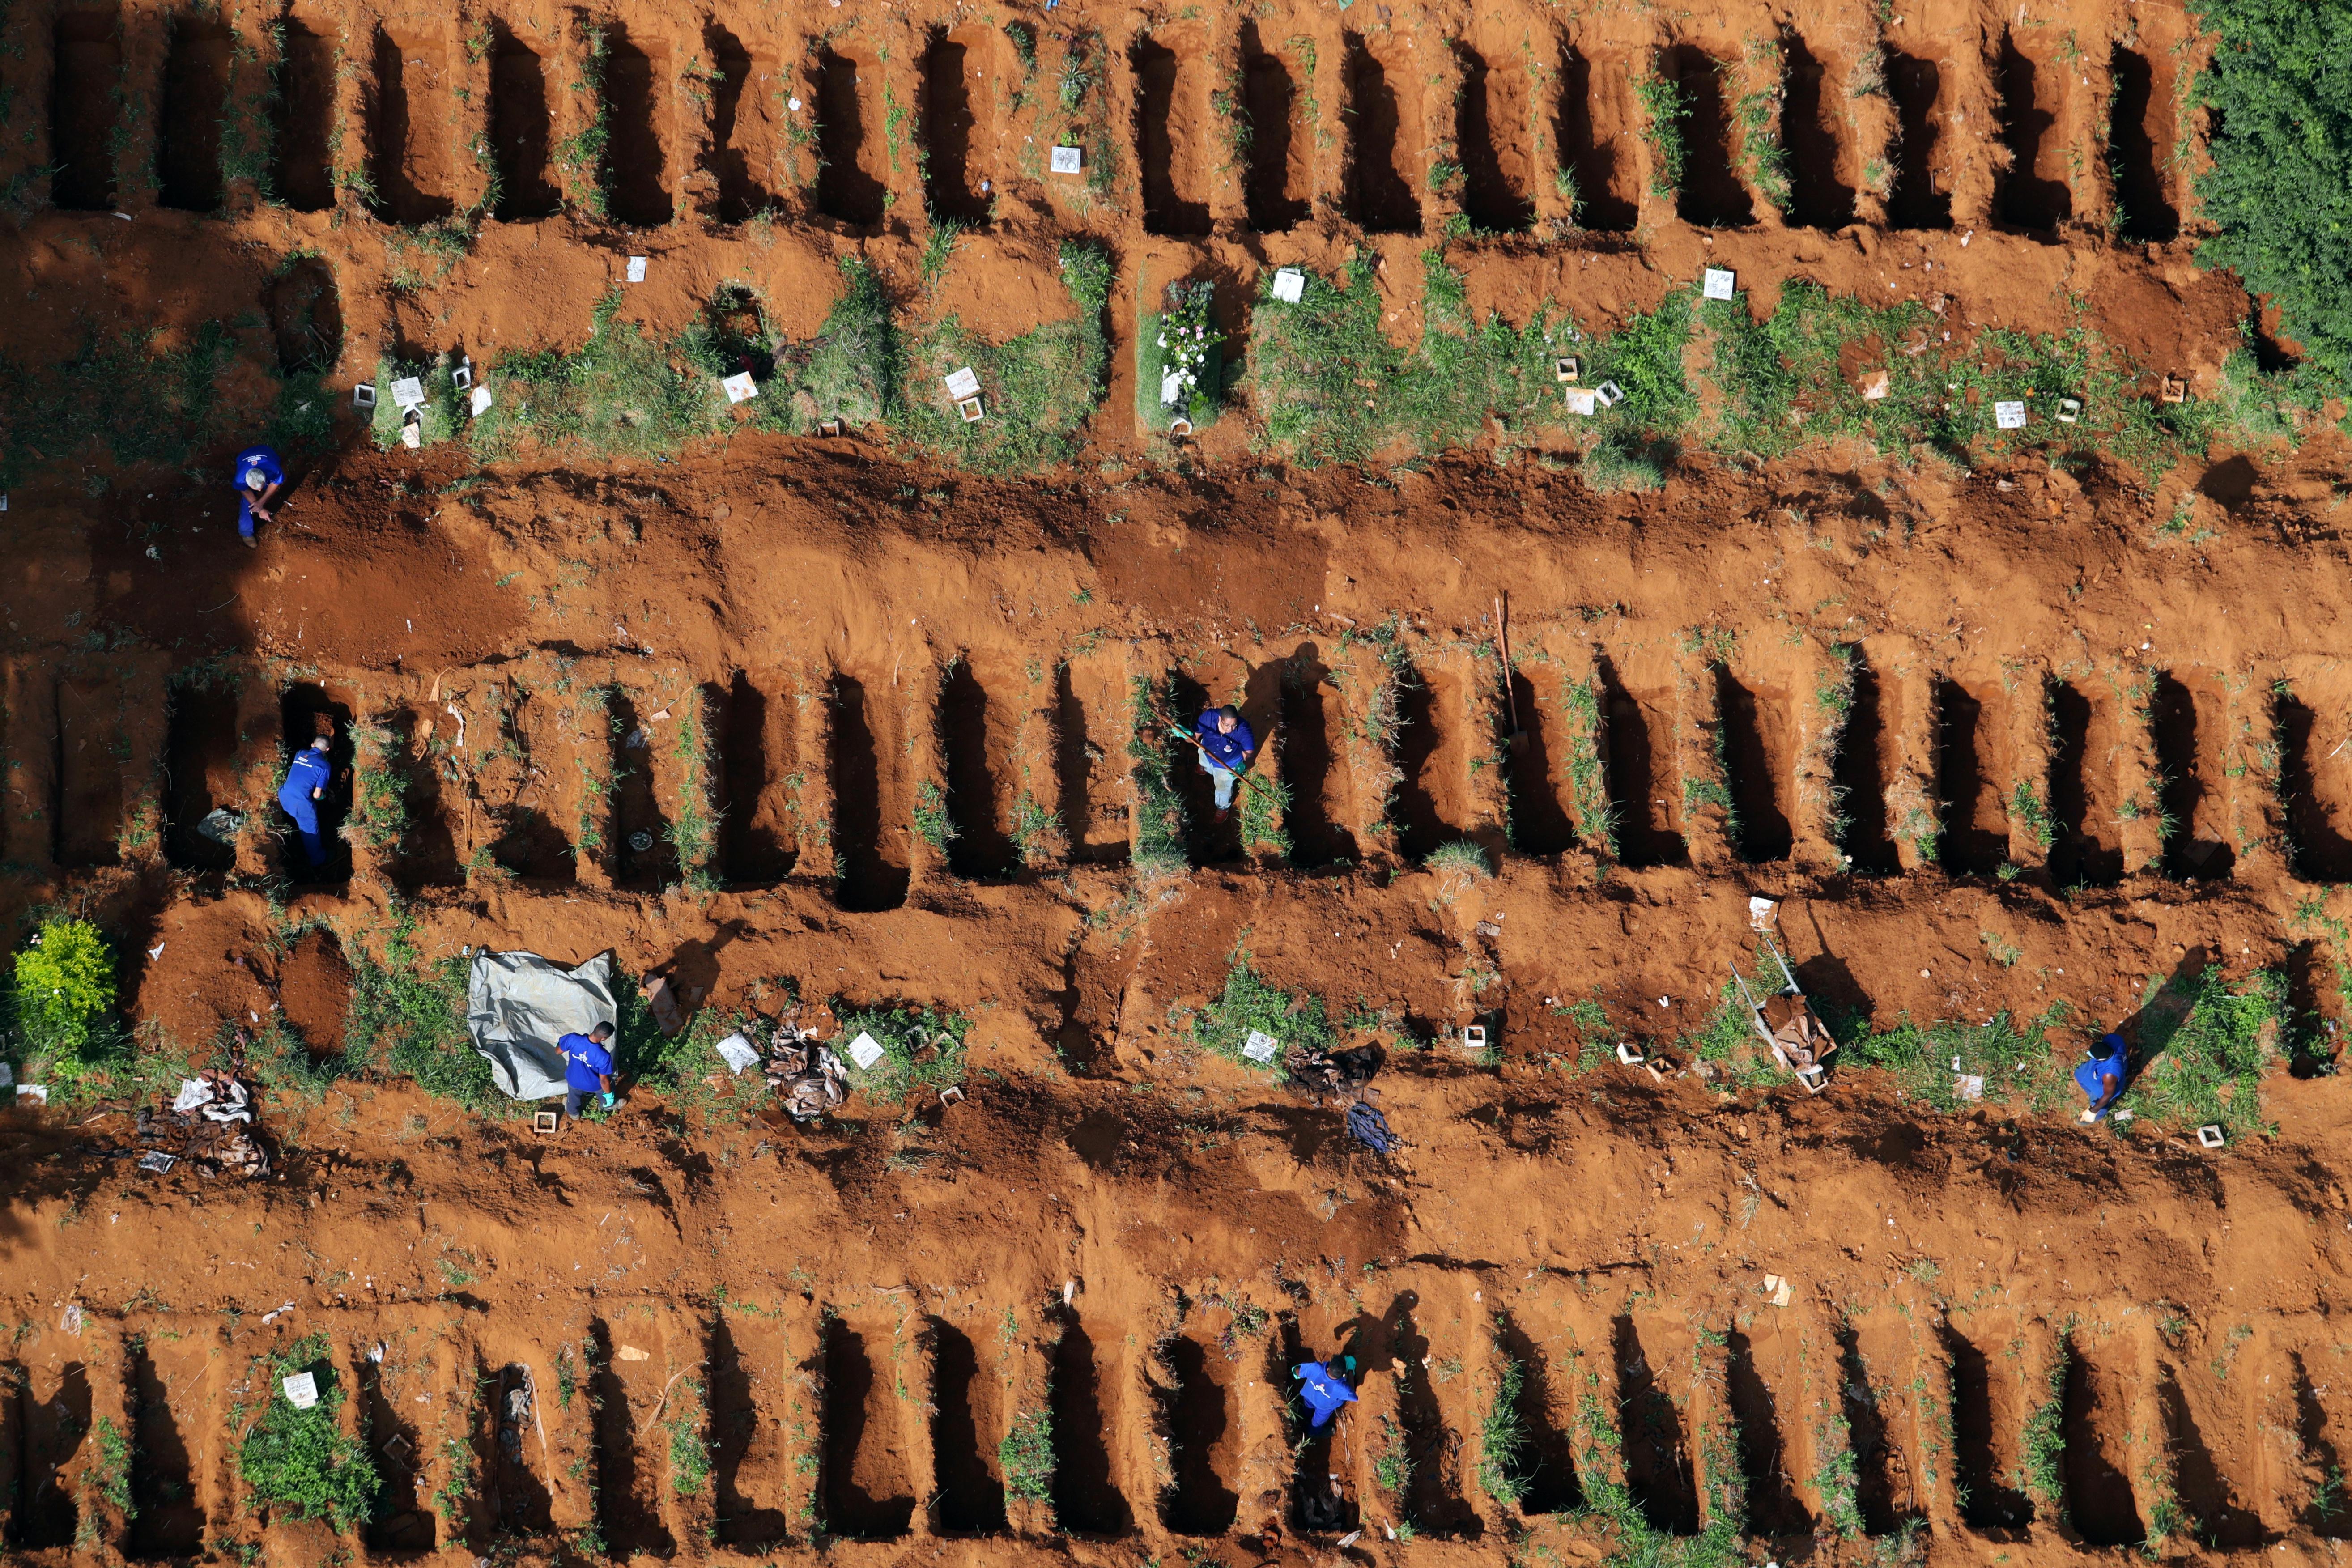 Vista aérea de las nuevas excavaciones en Vila Formosa, San Pablo. Allí, la gobernación ordenó nuevas tumbas para hacer frente al aumento de muertos por coronavirus (Reuters)